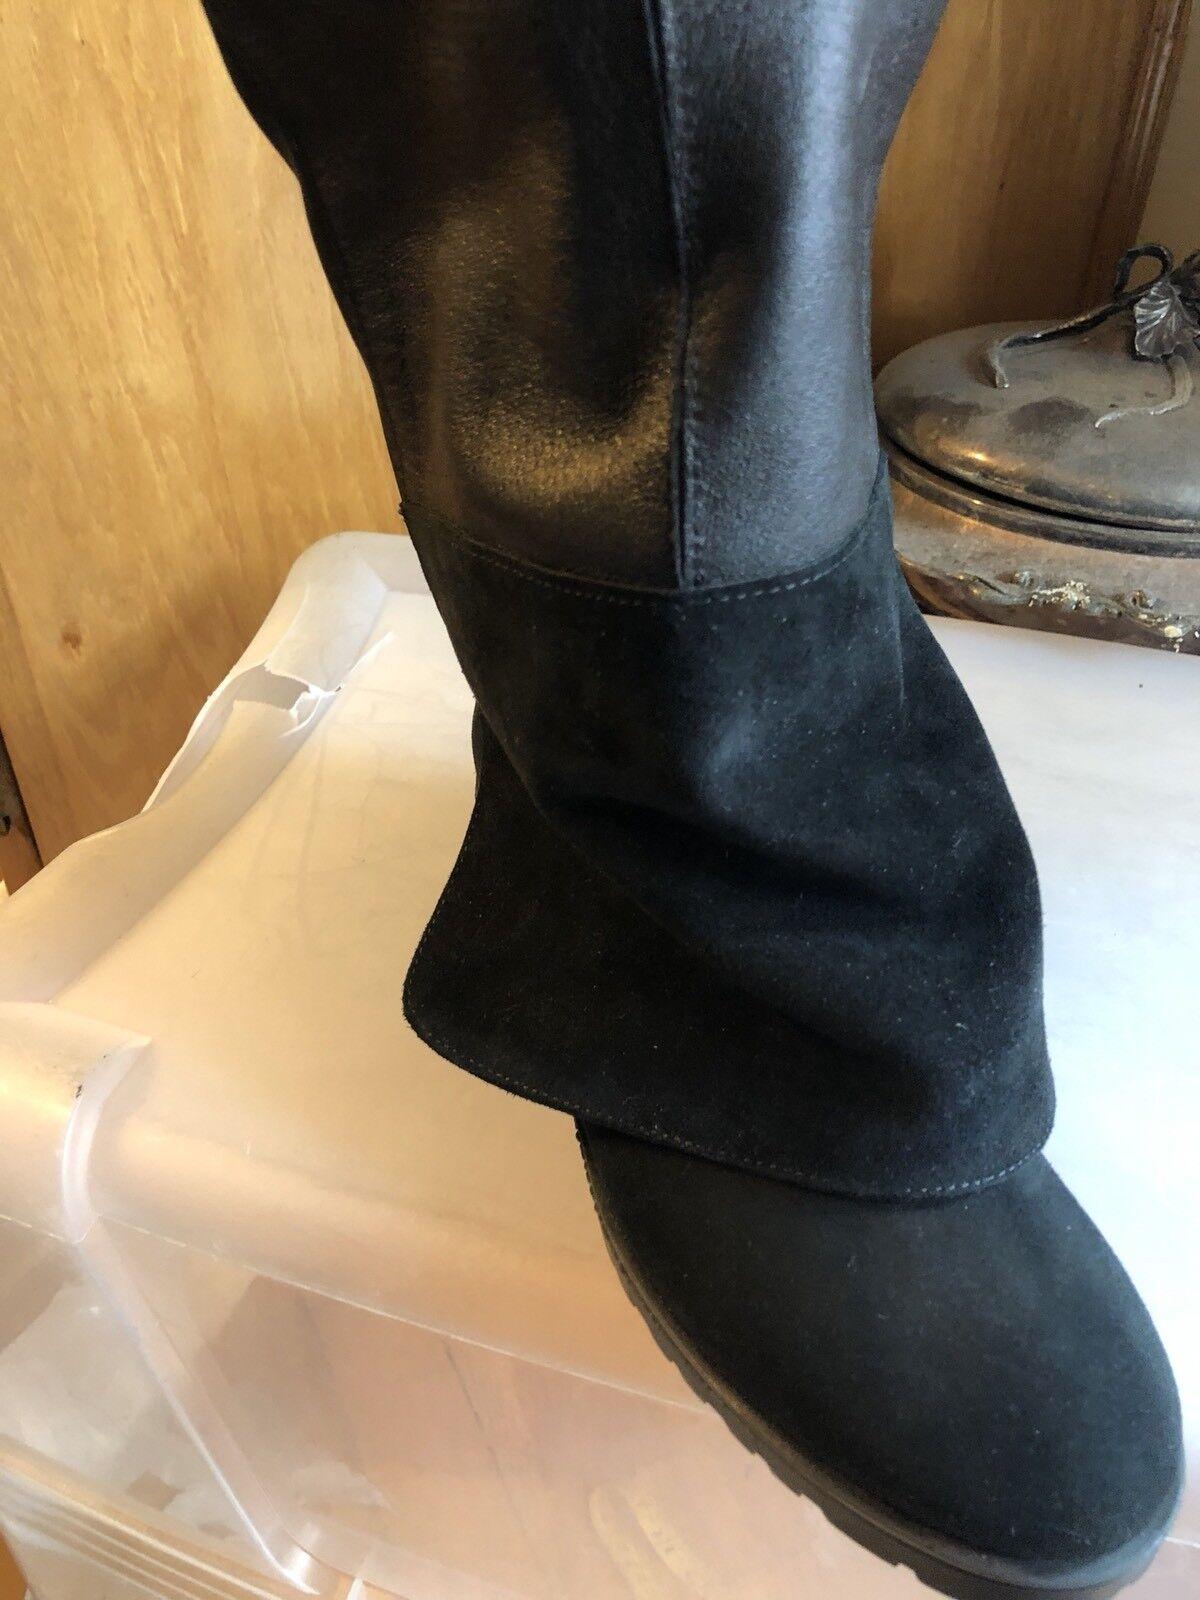 Andre Assous auténtico de gamuza Mode rodilla largo guante guante guante fit botas talla 6m Italia 9c1f65